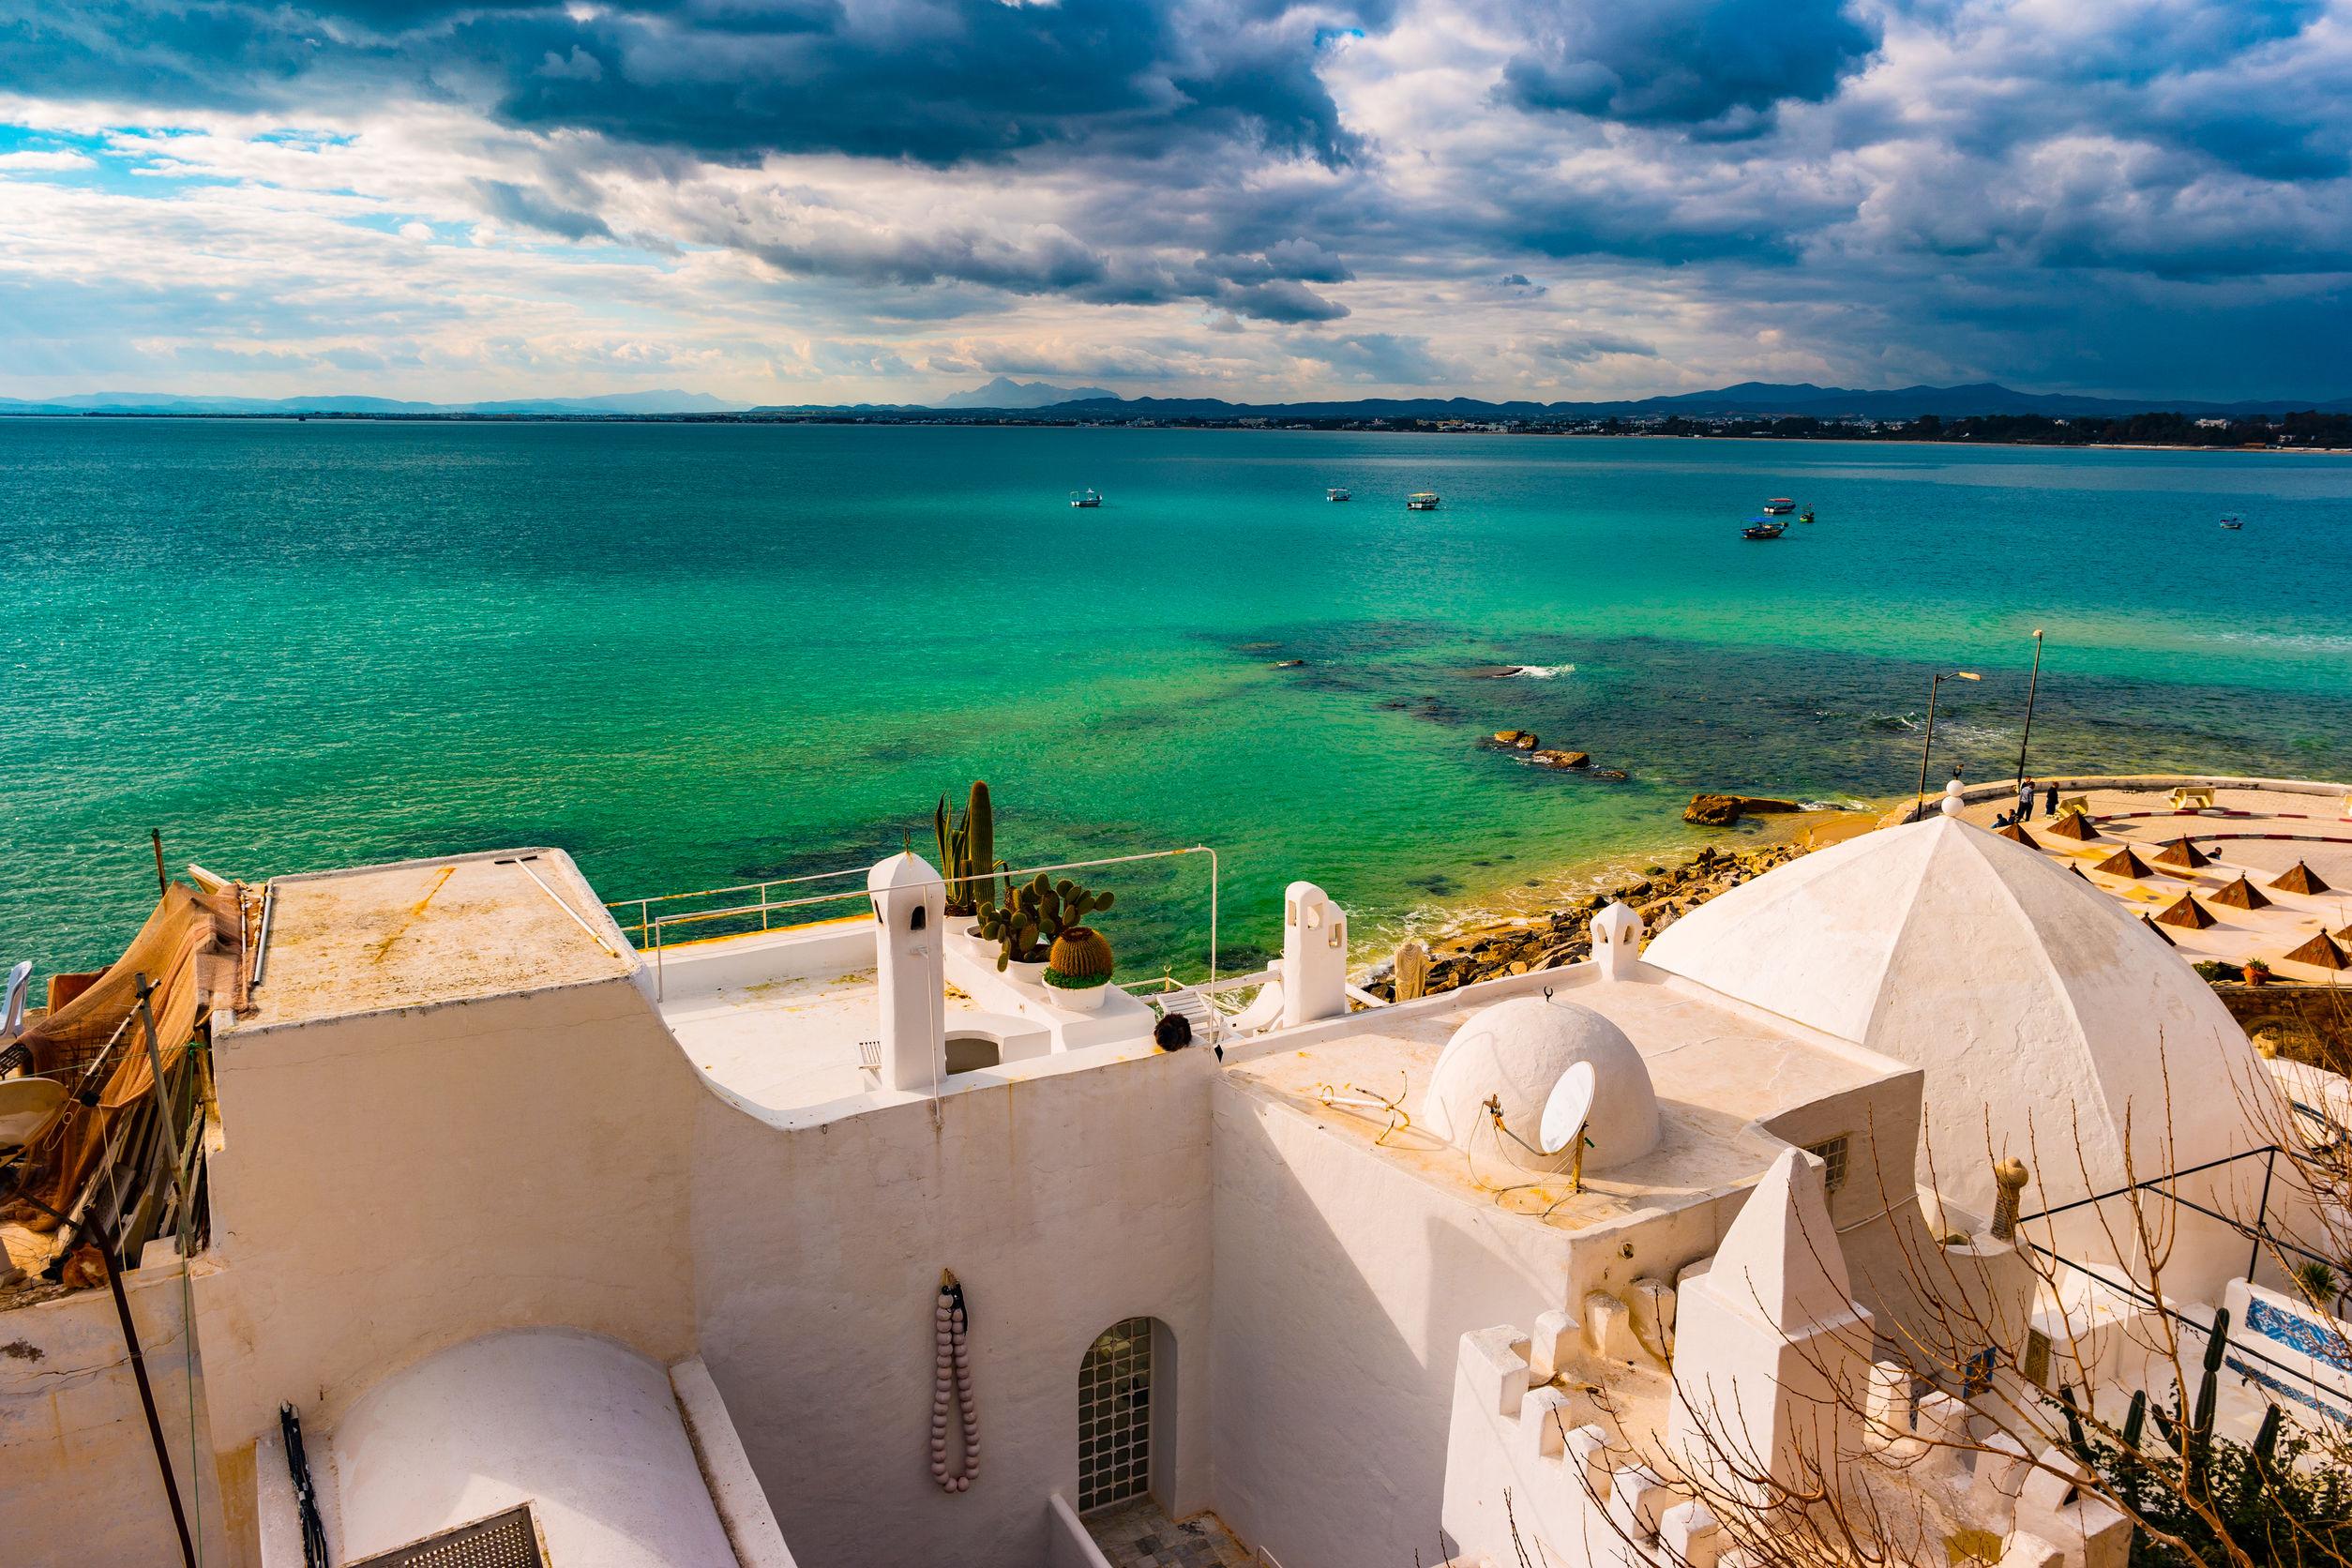 Rundreise Tunesien: Empfehlungen & Vergleich (10/19)